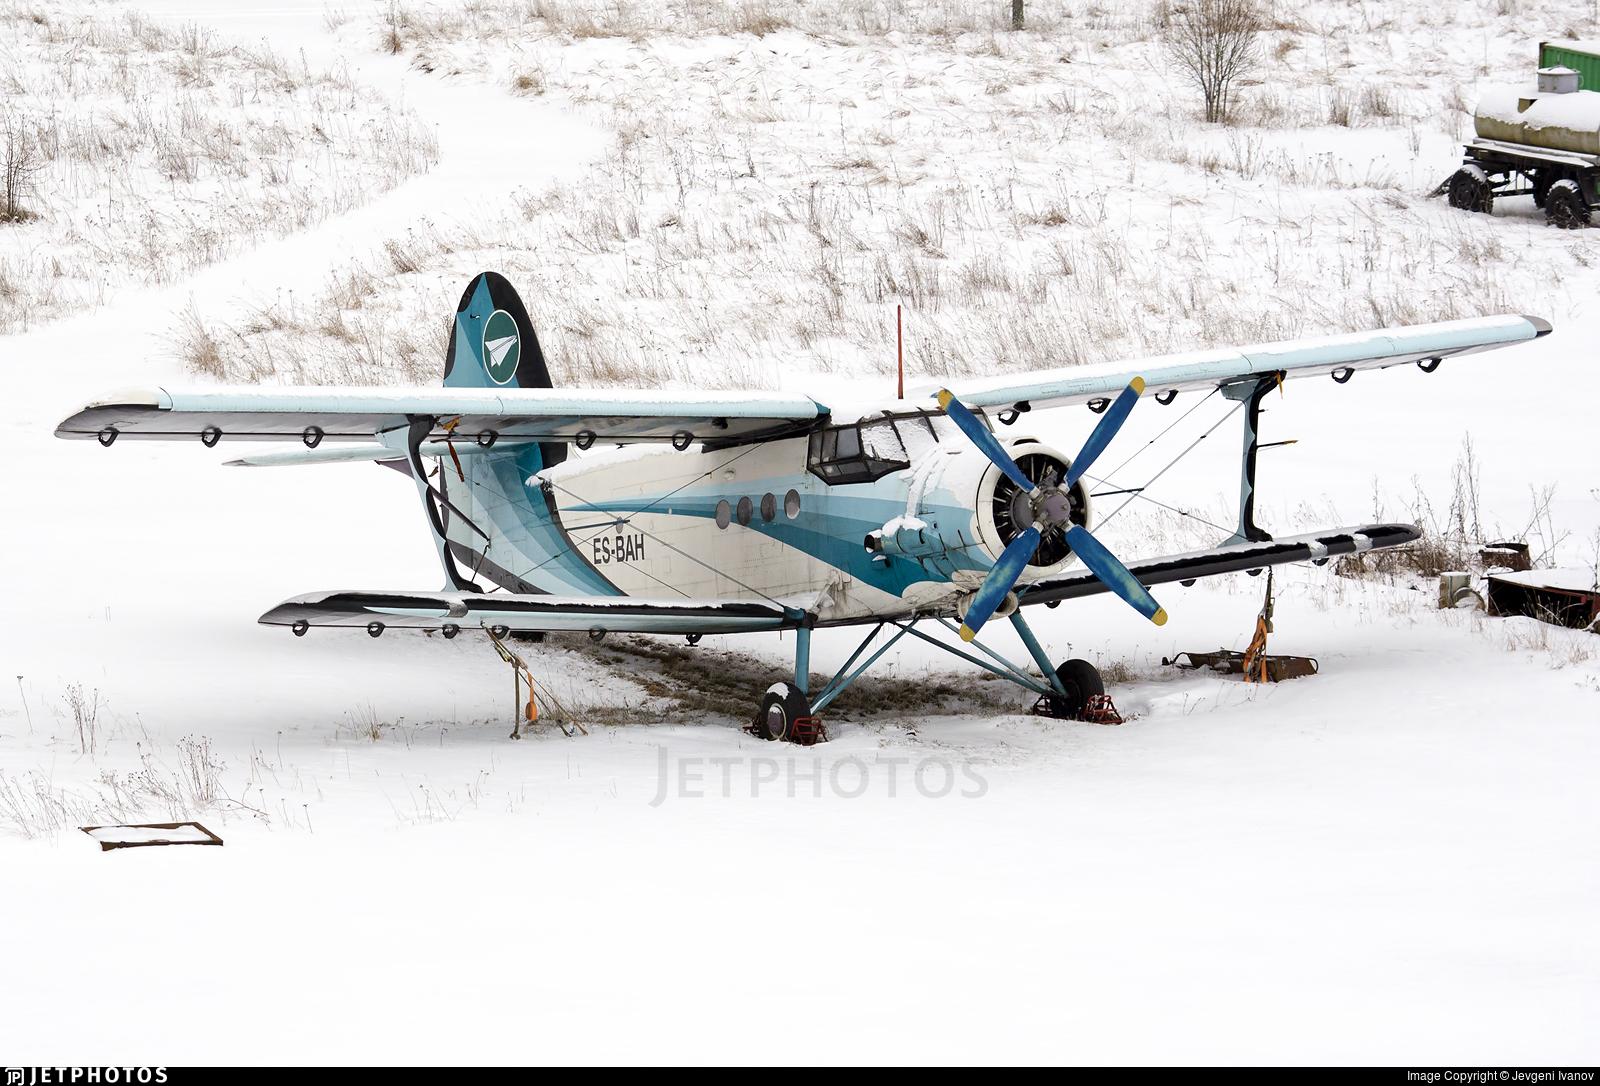 ES-BAH - PZL-Mielec An-2 - Private